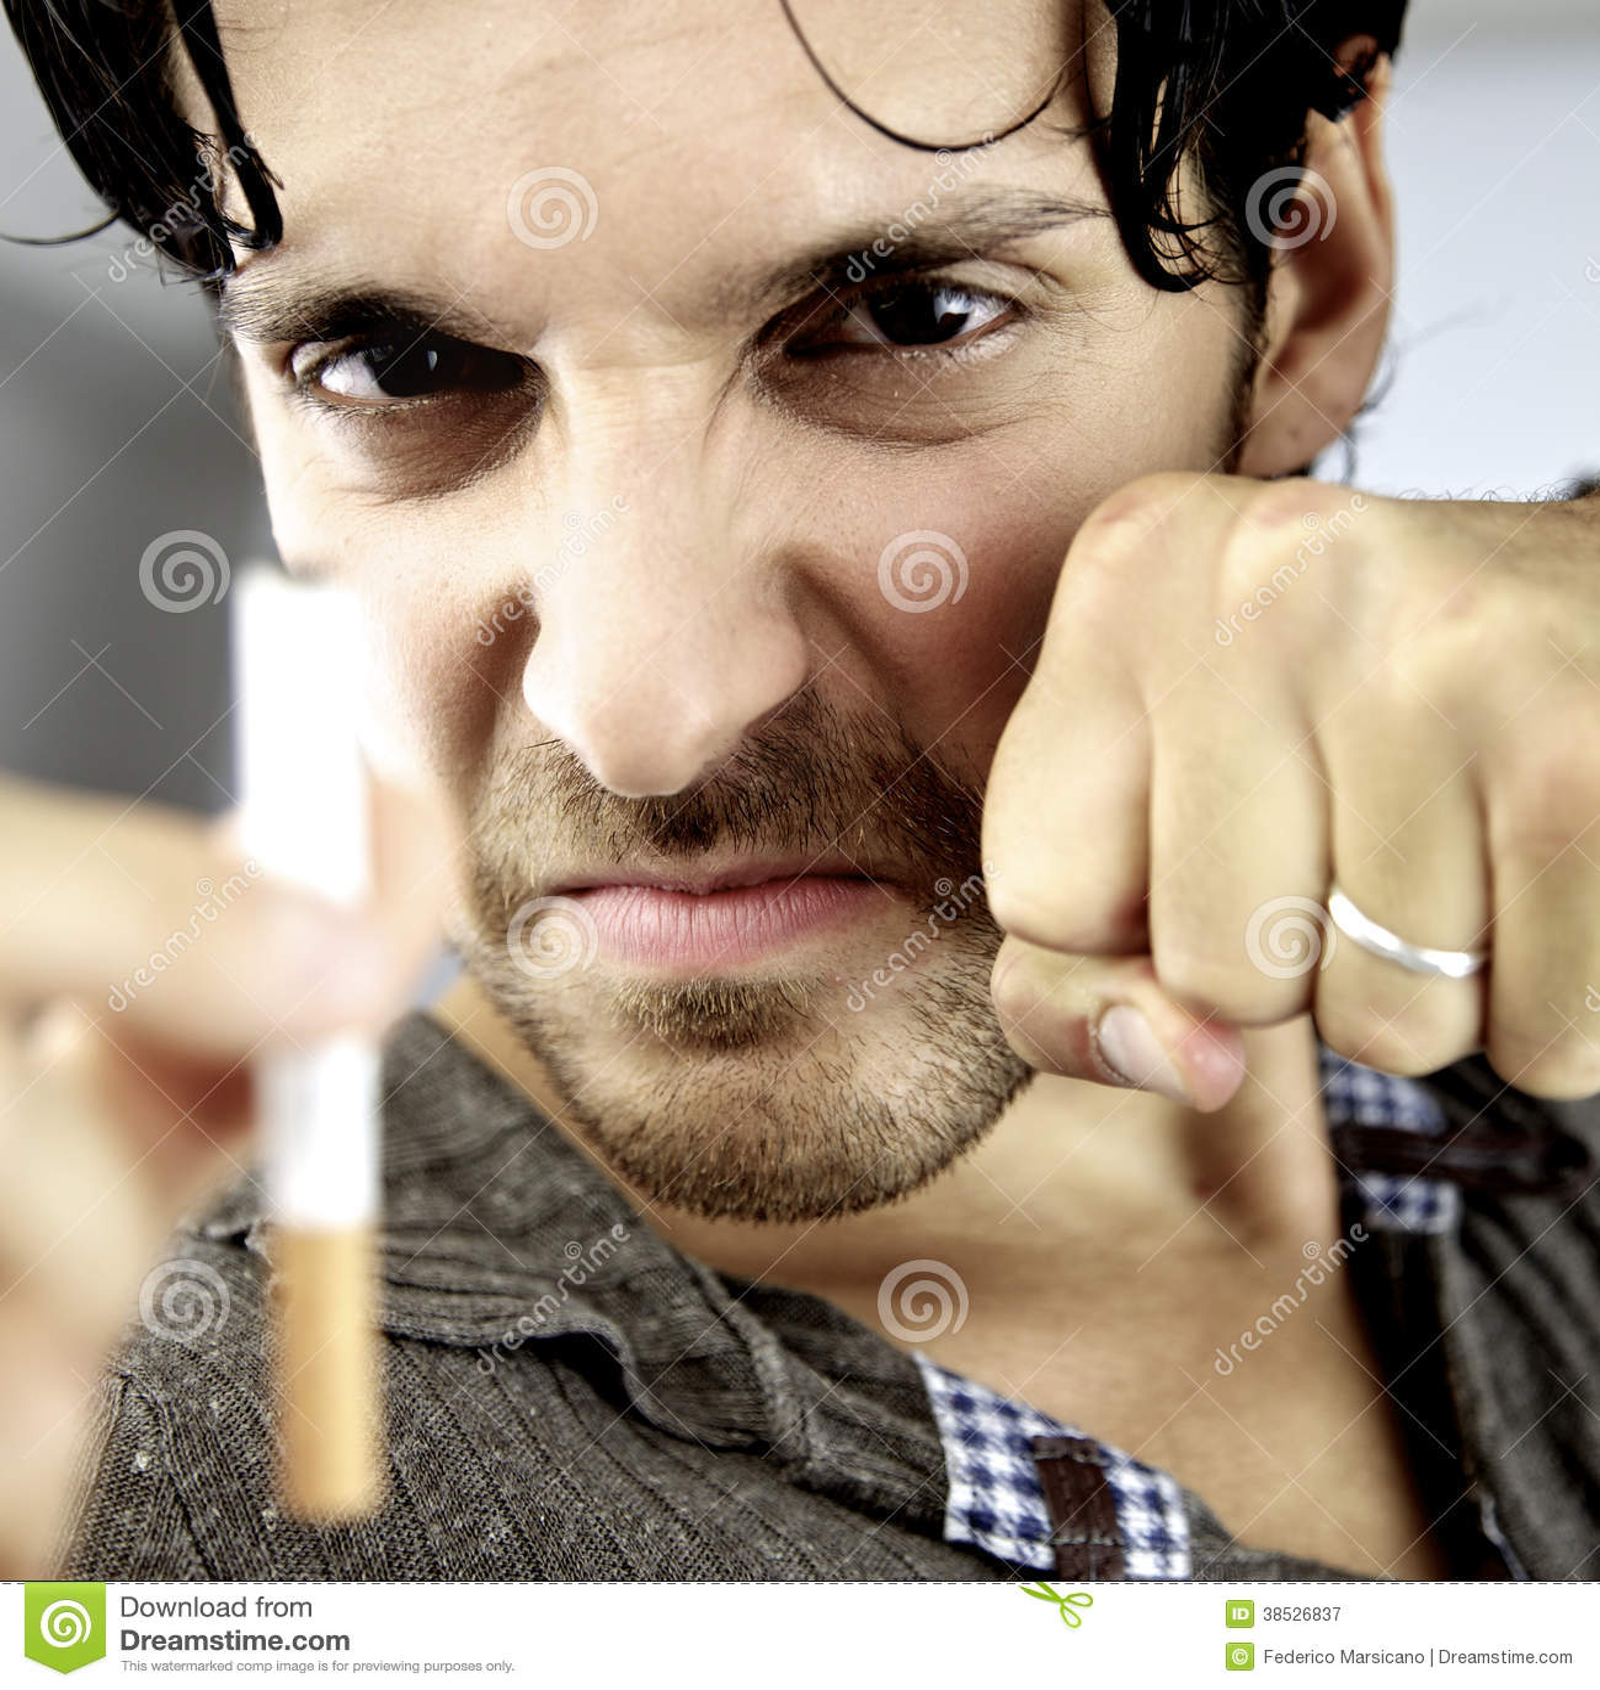 Lucharé mi batalla contra cáncer que pararé el fumar